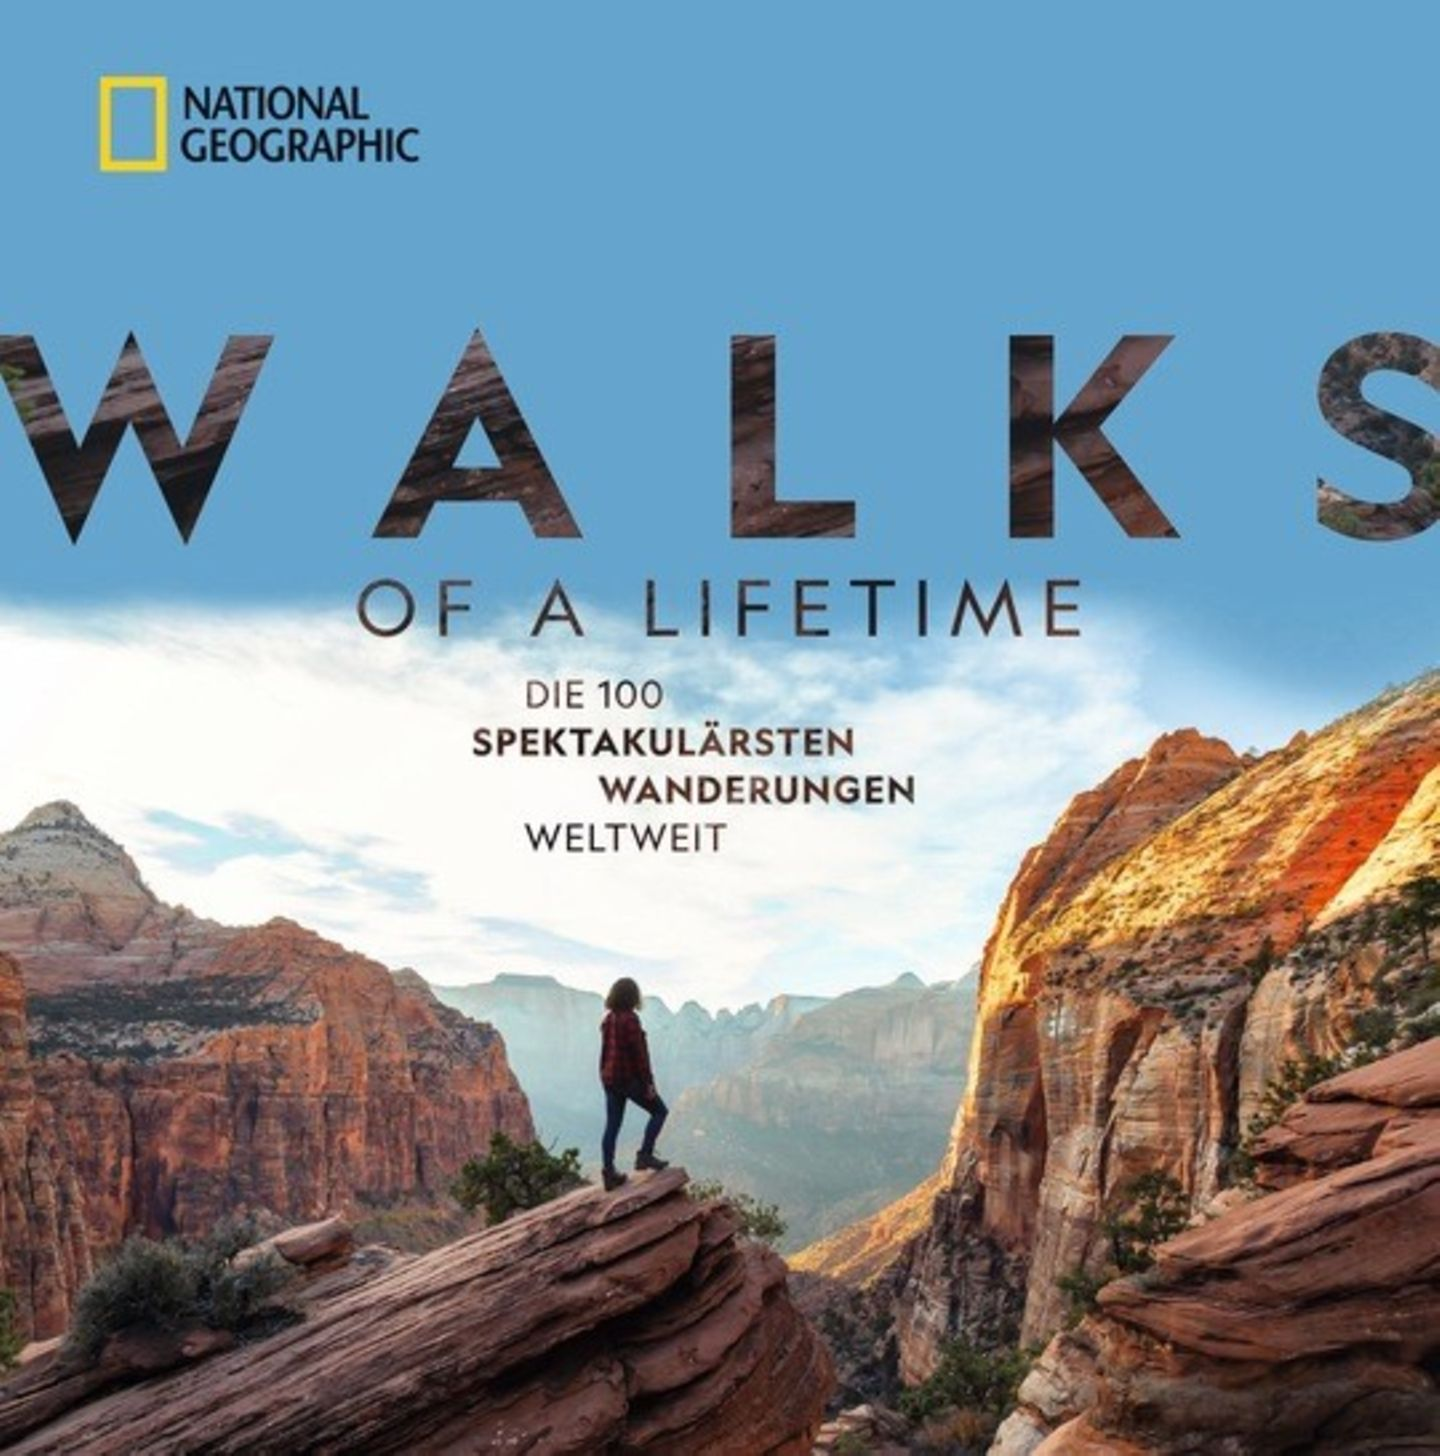 """Aus: """"Walks of a Lifetime -Das sind die 100 spektakulärsten Wanderungen weltweit"""" von Kate Siber und Andrew Skura. Erschienen imNational Geograph,ic Verlag, 400 Seiten, Preis: 39,99 Euro."""